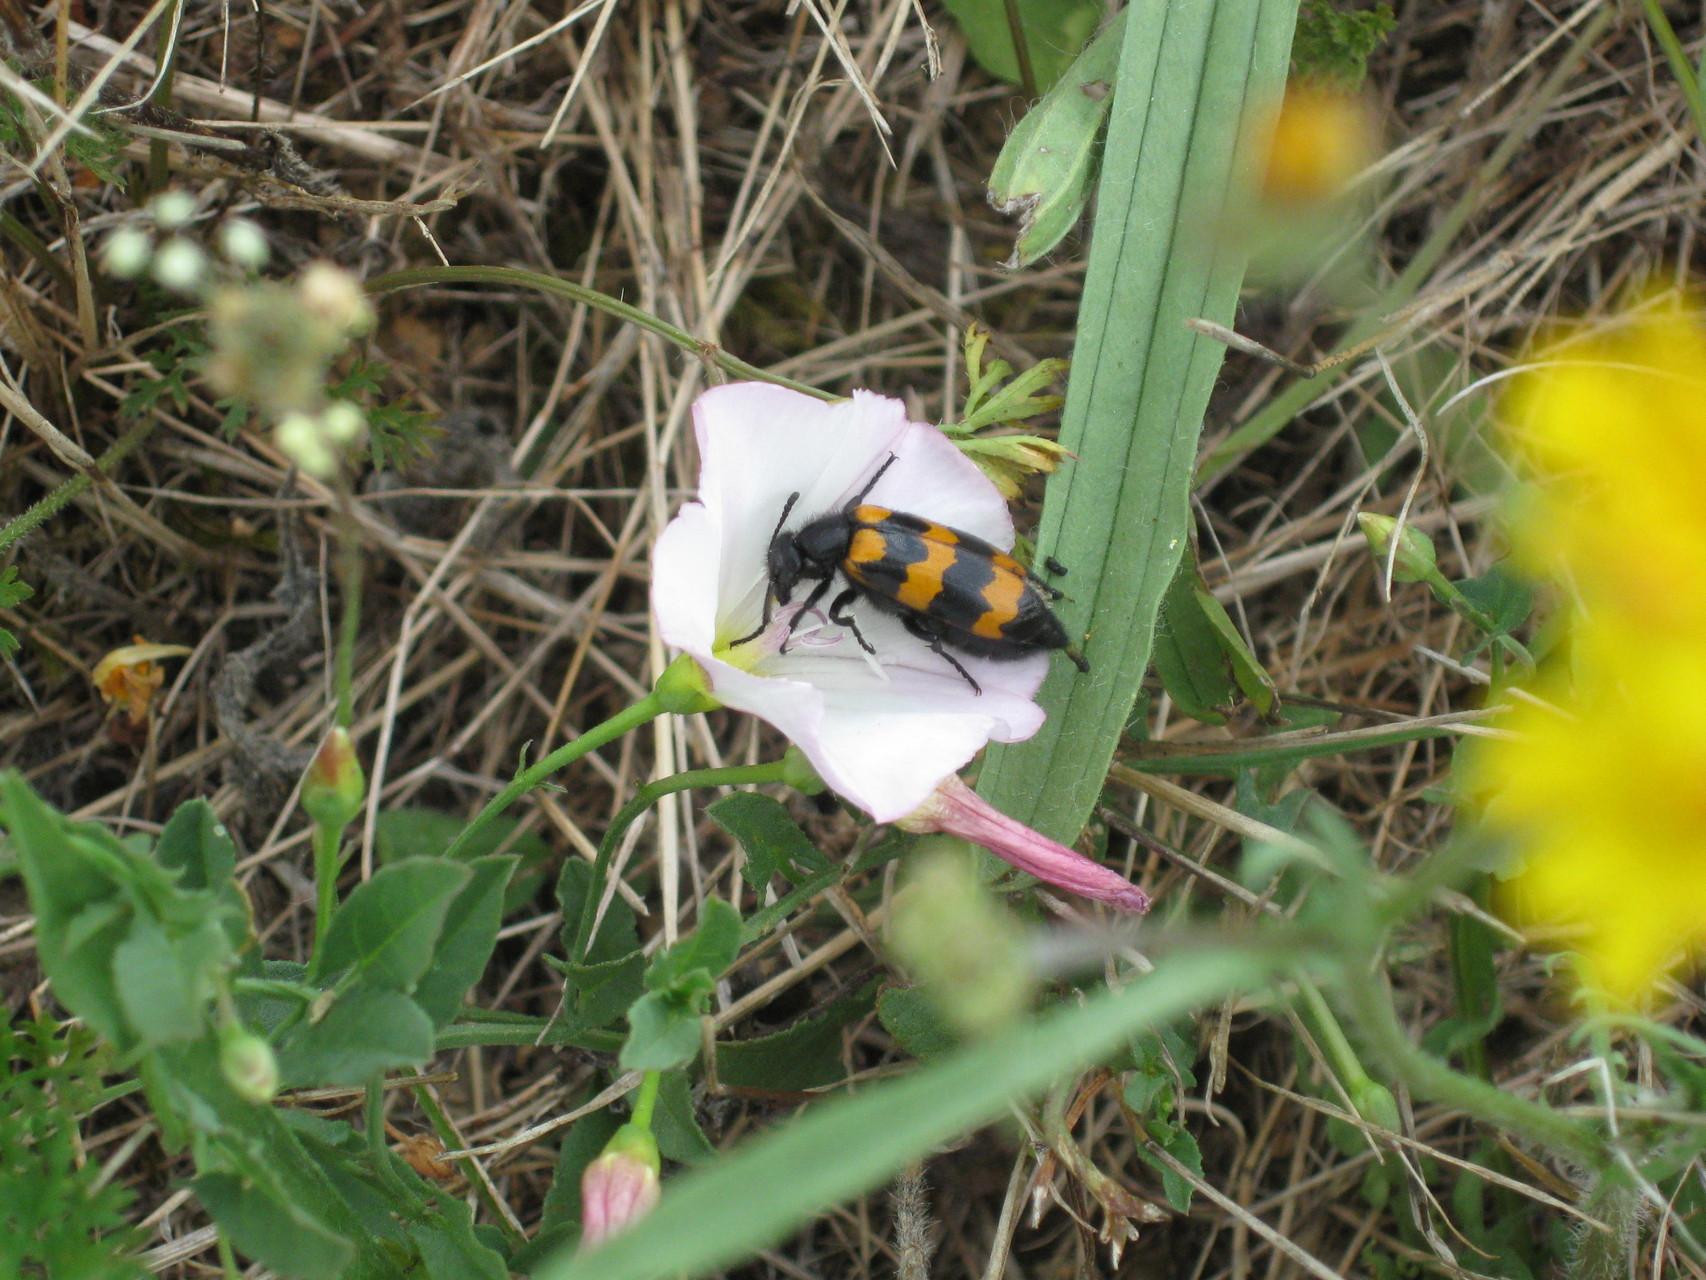 Coléoptère jaune et noir (Mylabris variabilis)